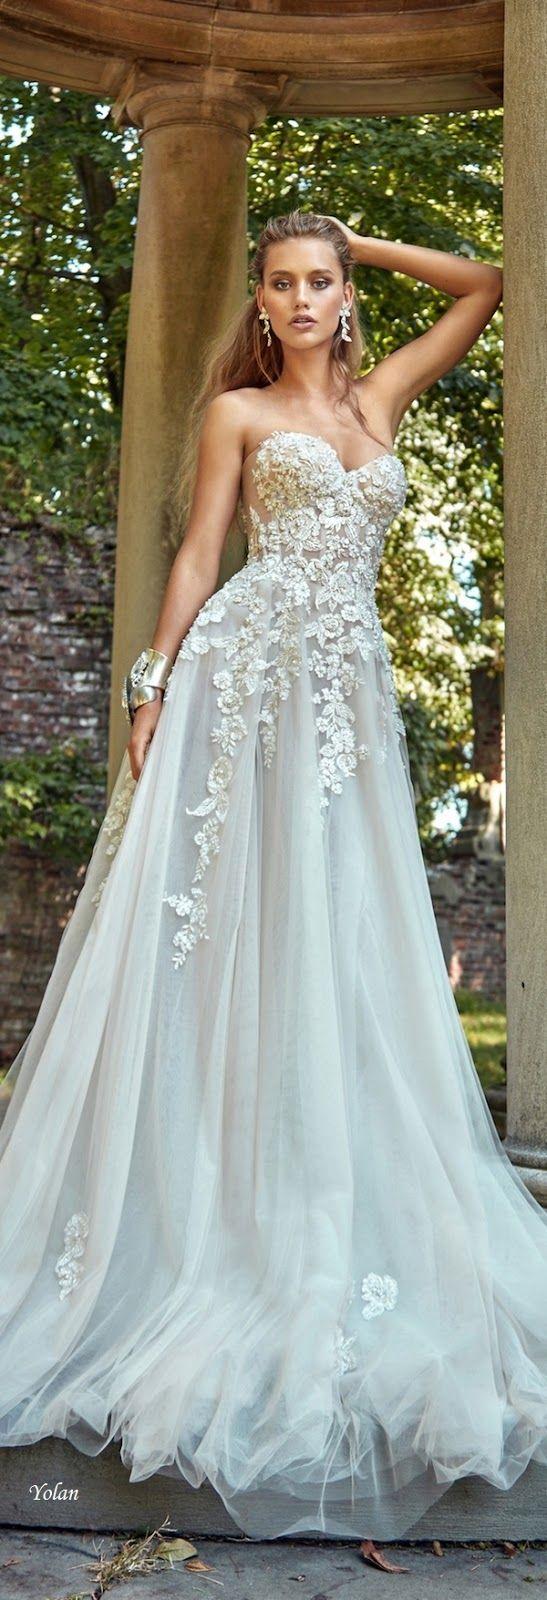 Sueños compartidos: Galia Lahav 2017 Wedding Dresses: